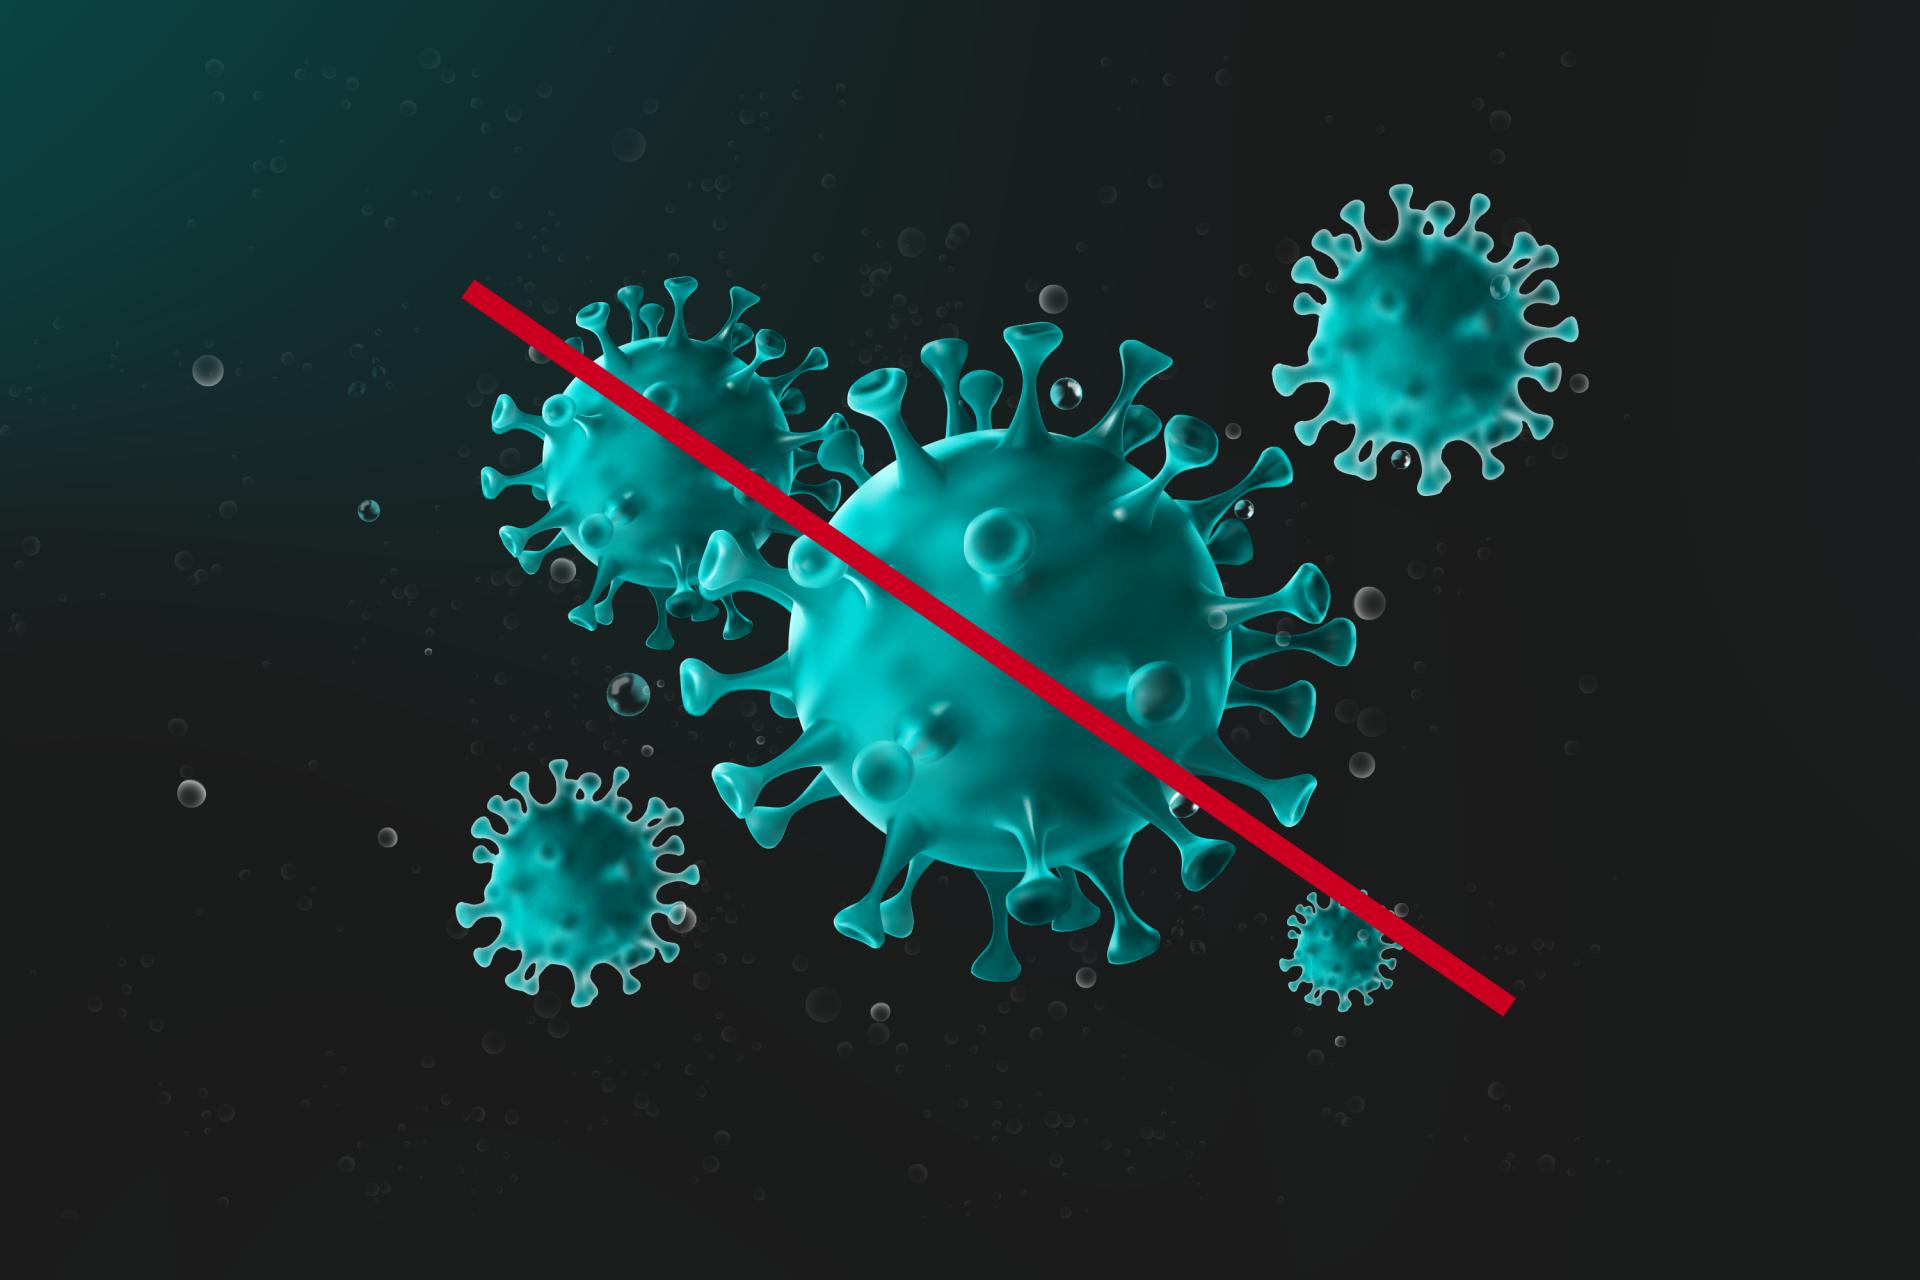 wirus zdjęcie.png